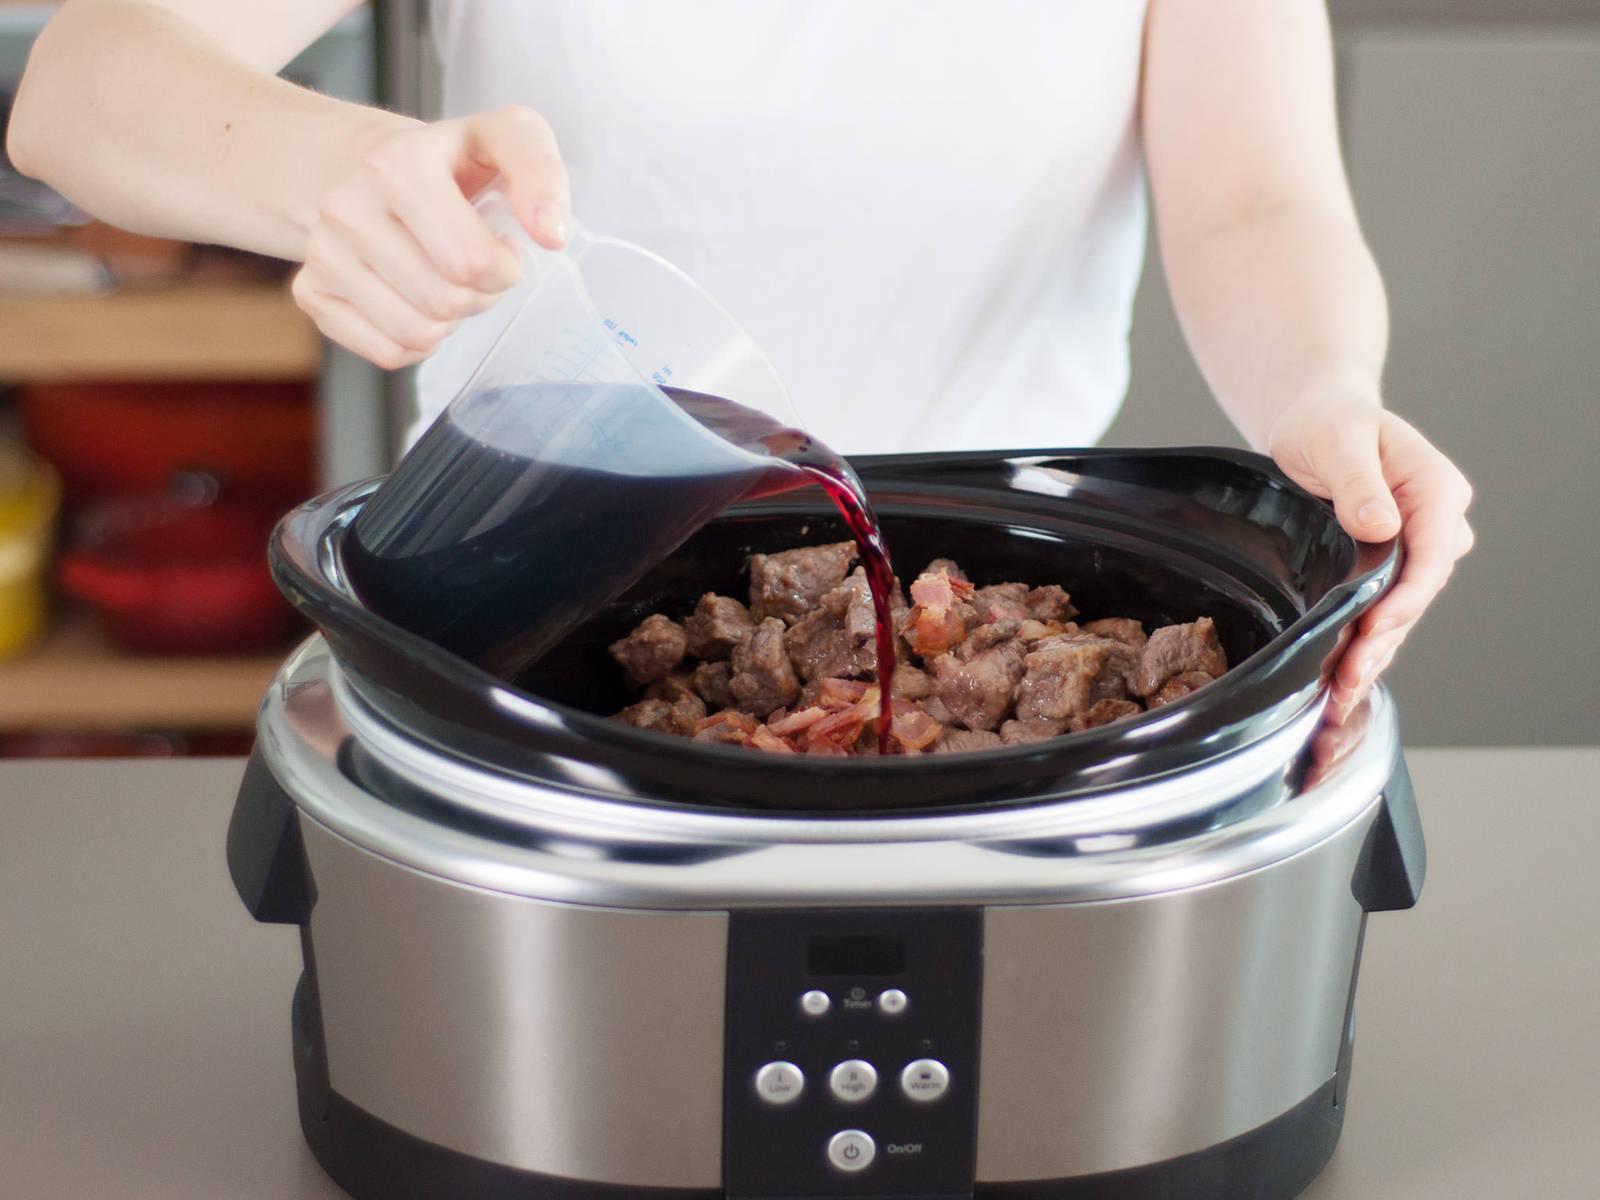 之后, 将高汤,番茄酱,百里香,月桂叶和红酒一起加入炖锅。加盖,慢火炖6-8小时